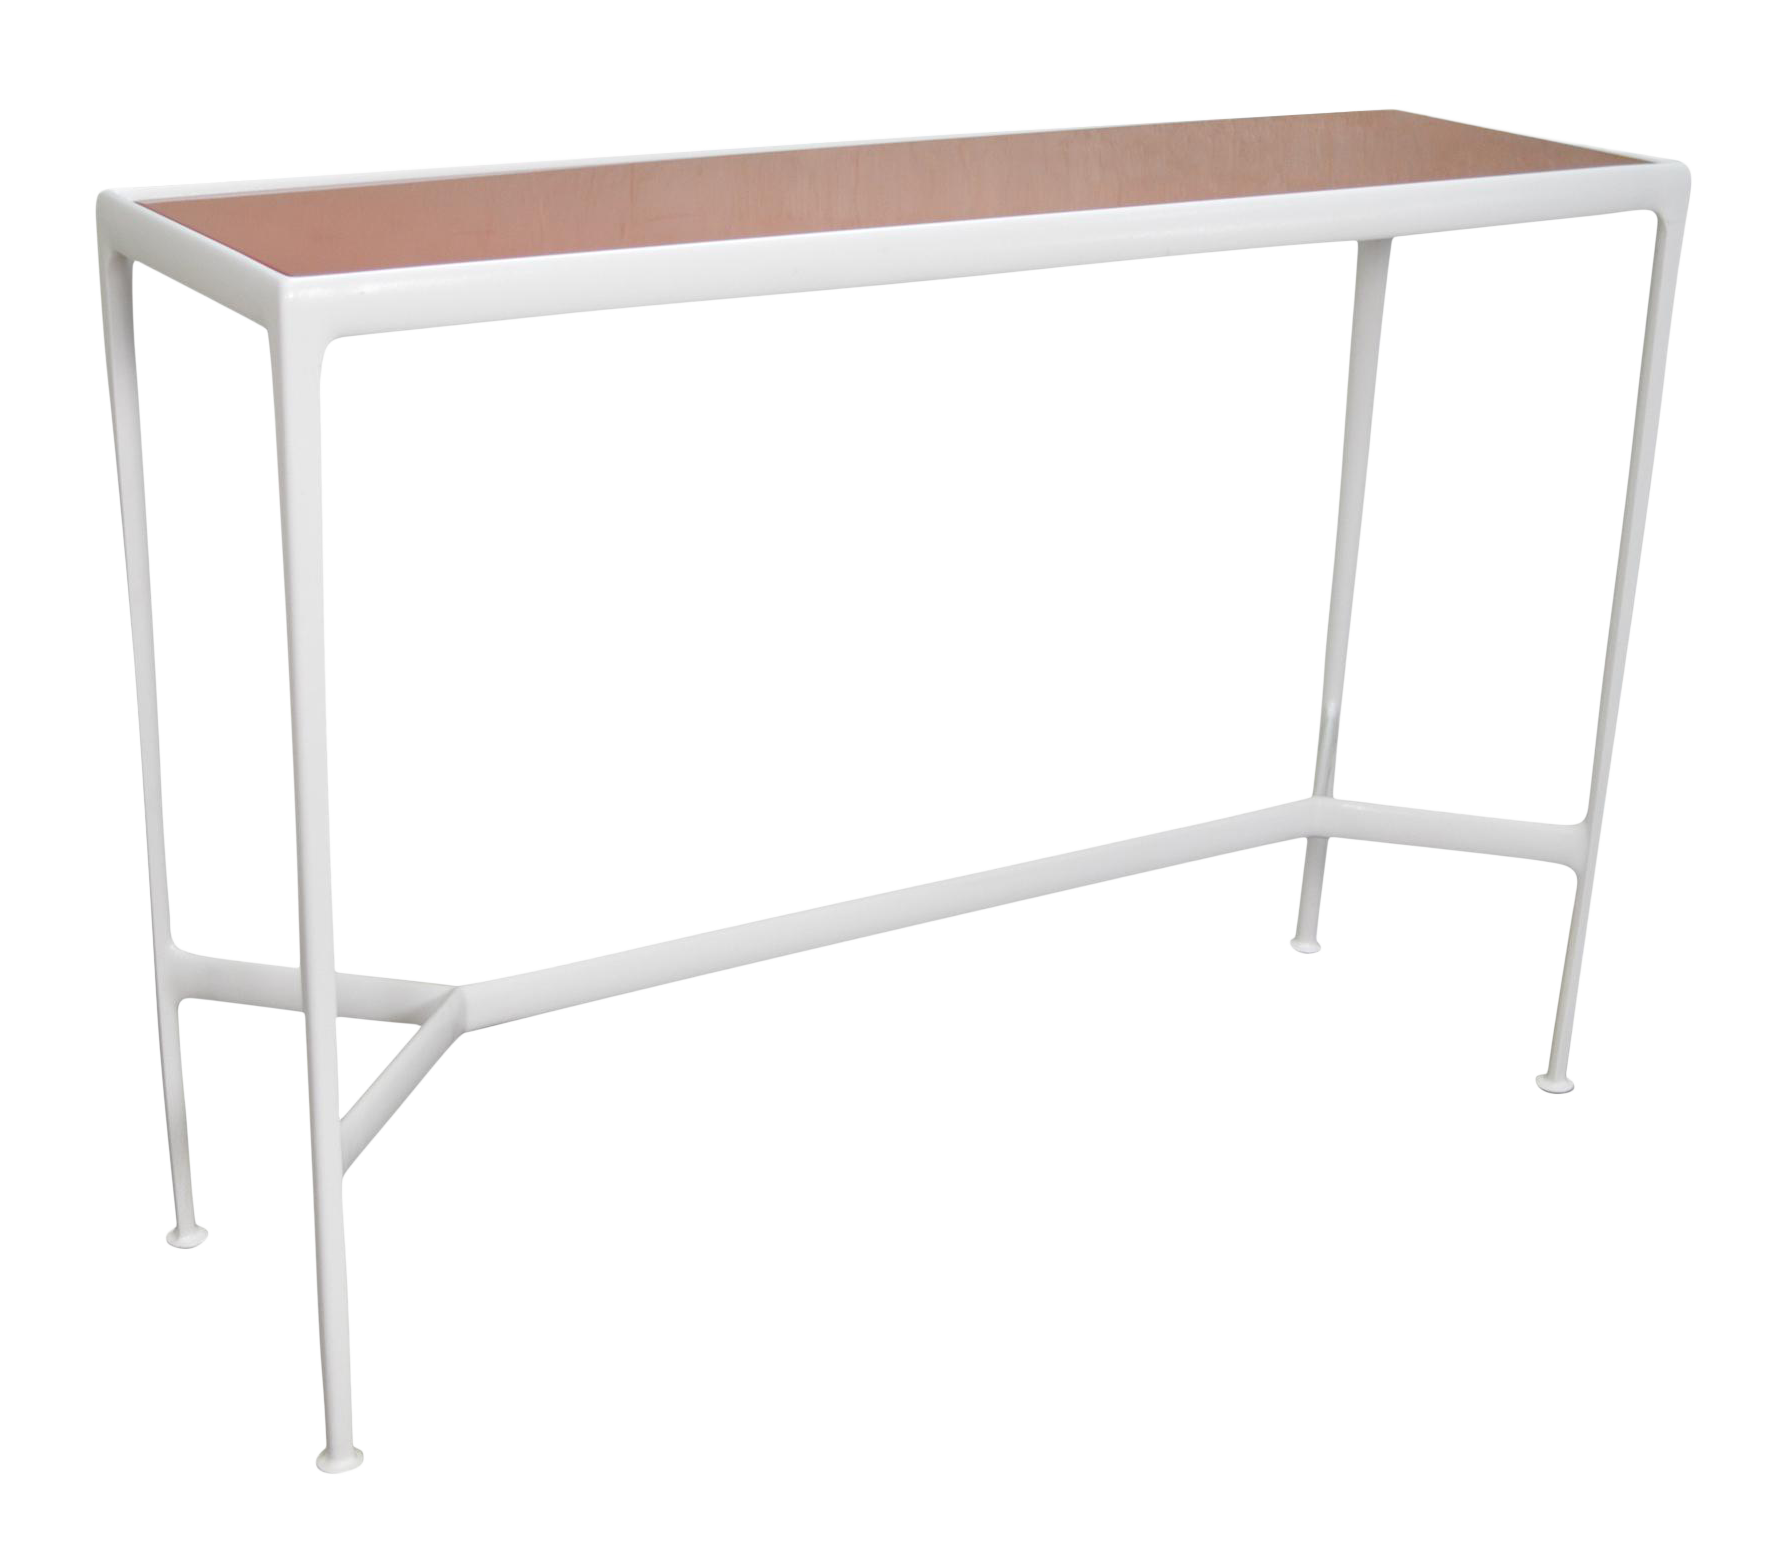 Knoll Richard Schultz 1966 Rectangular Counter Height Table